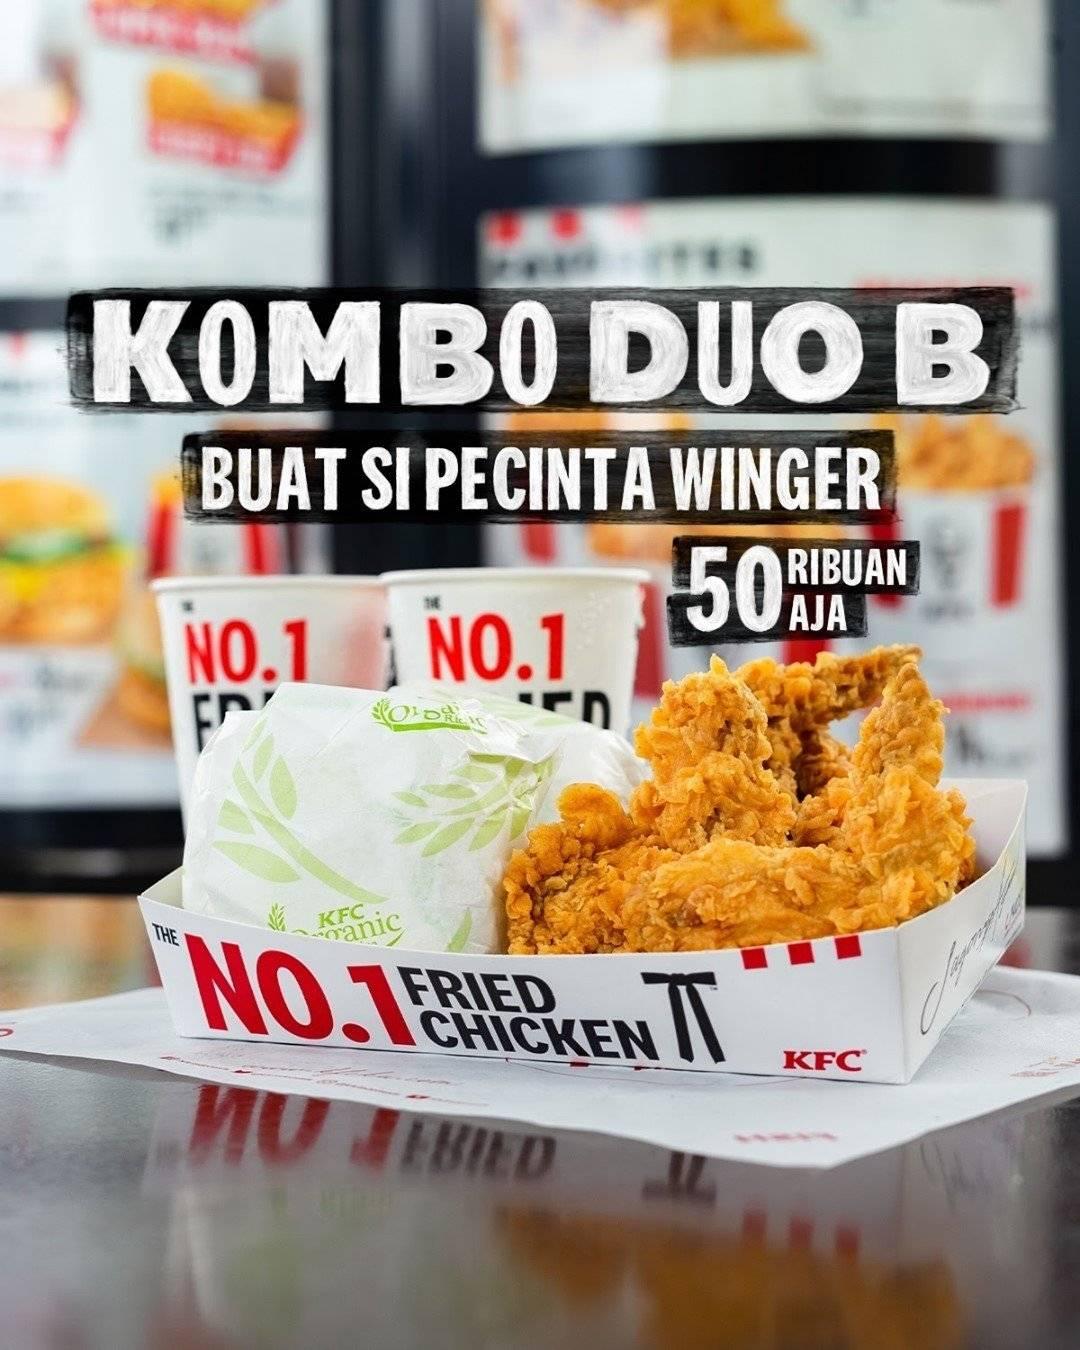 Diskon Promo KFC Kombo Duo B Rp 50 Ribuan